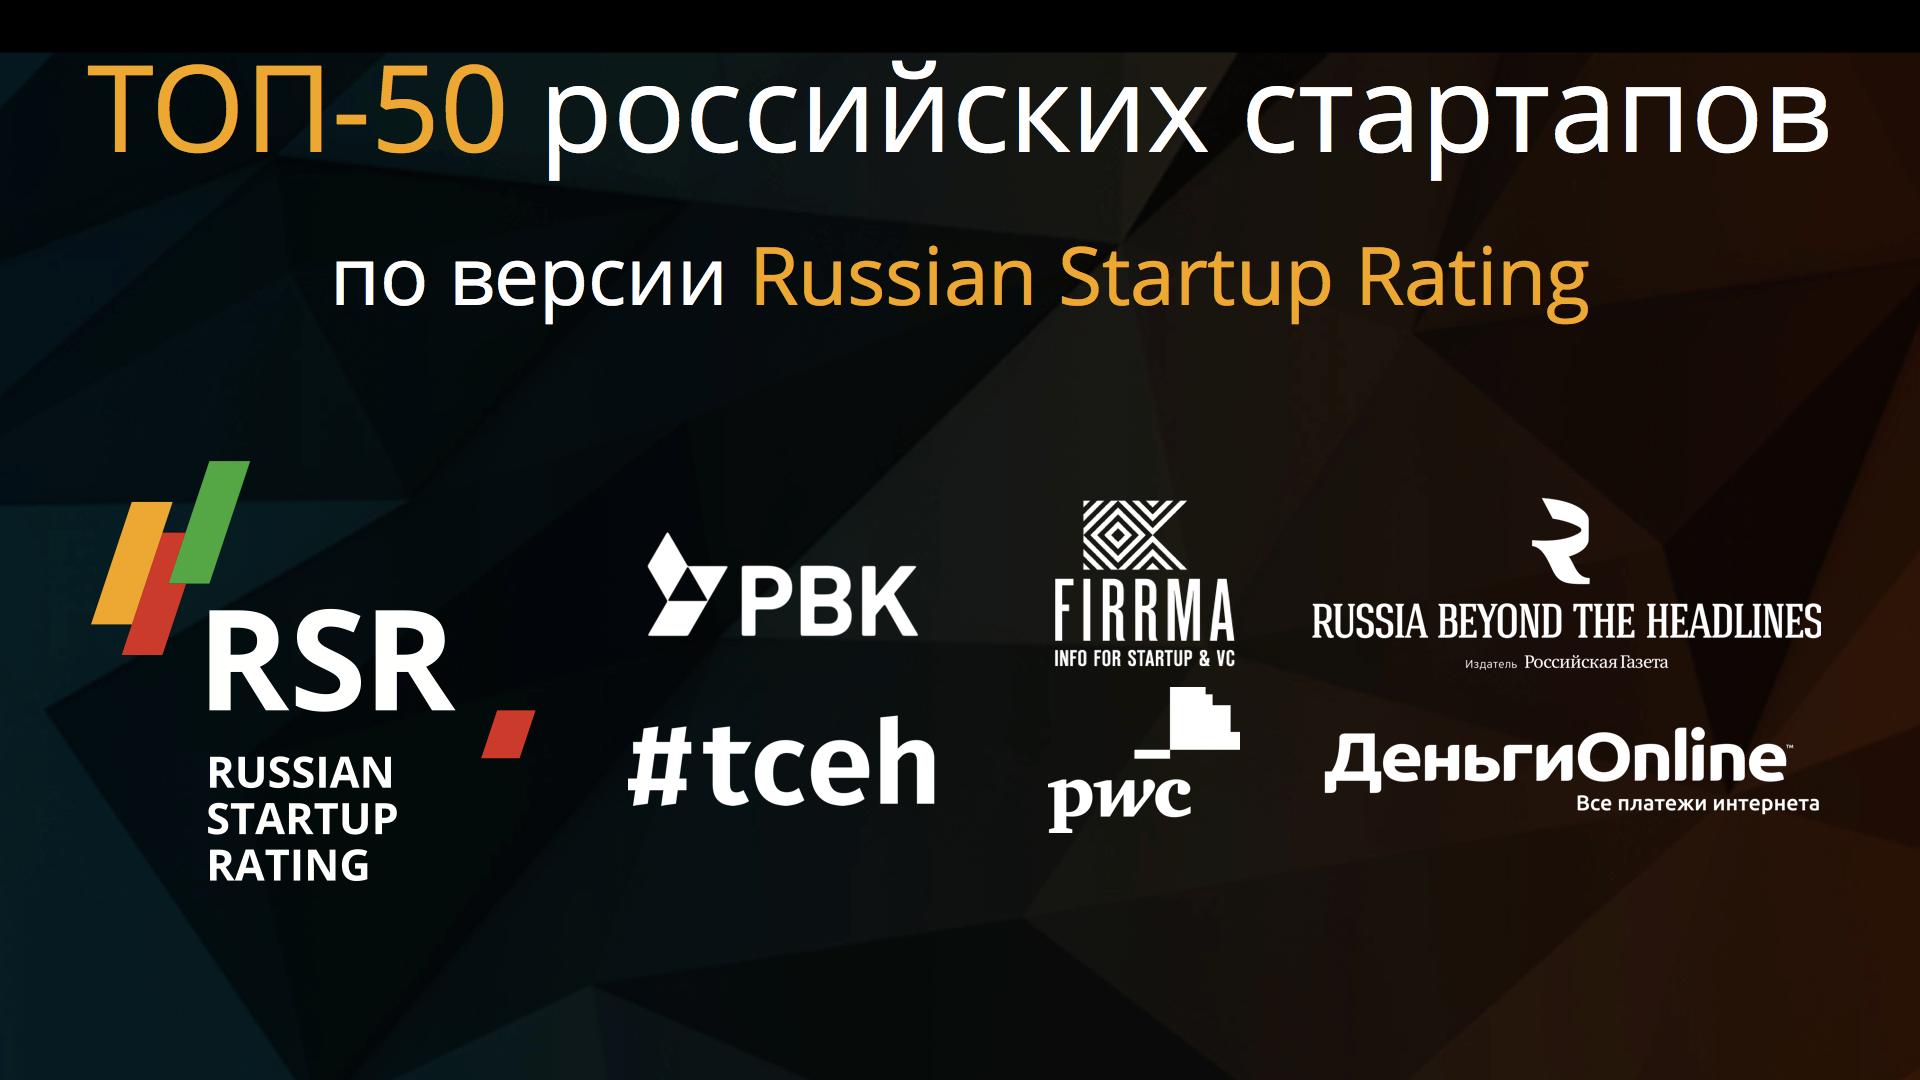 ТОП-50 российских стартапов